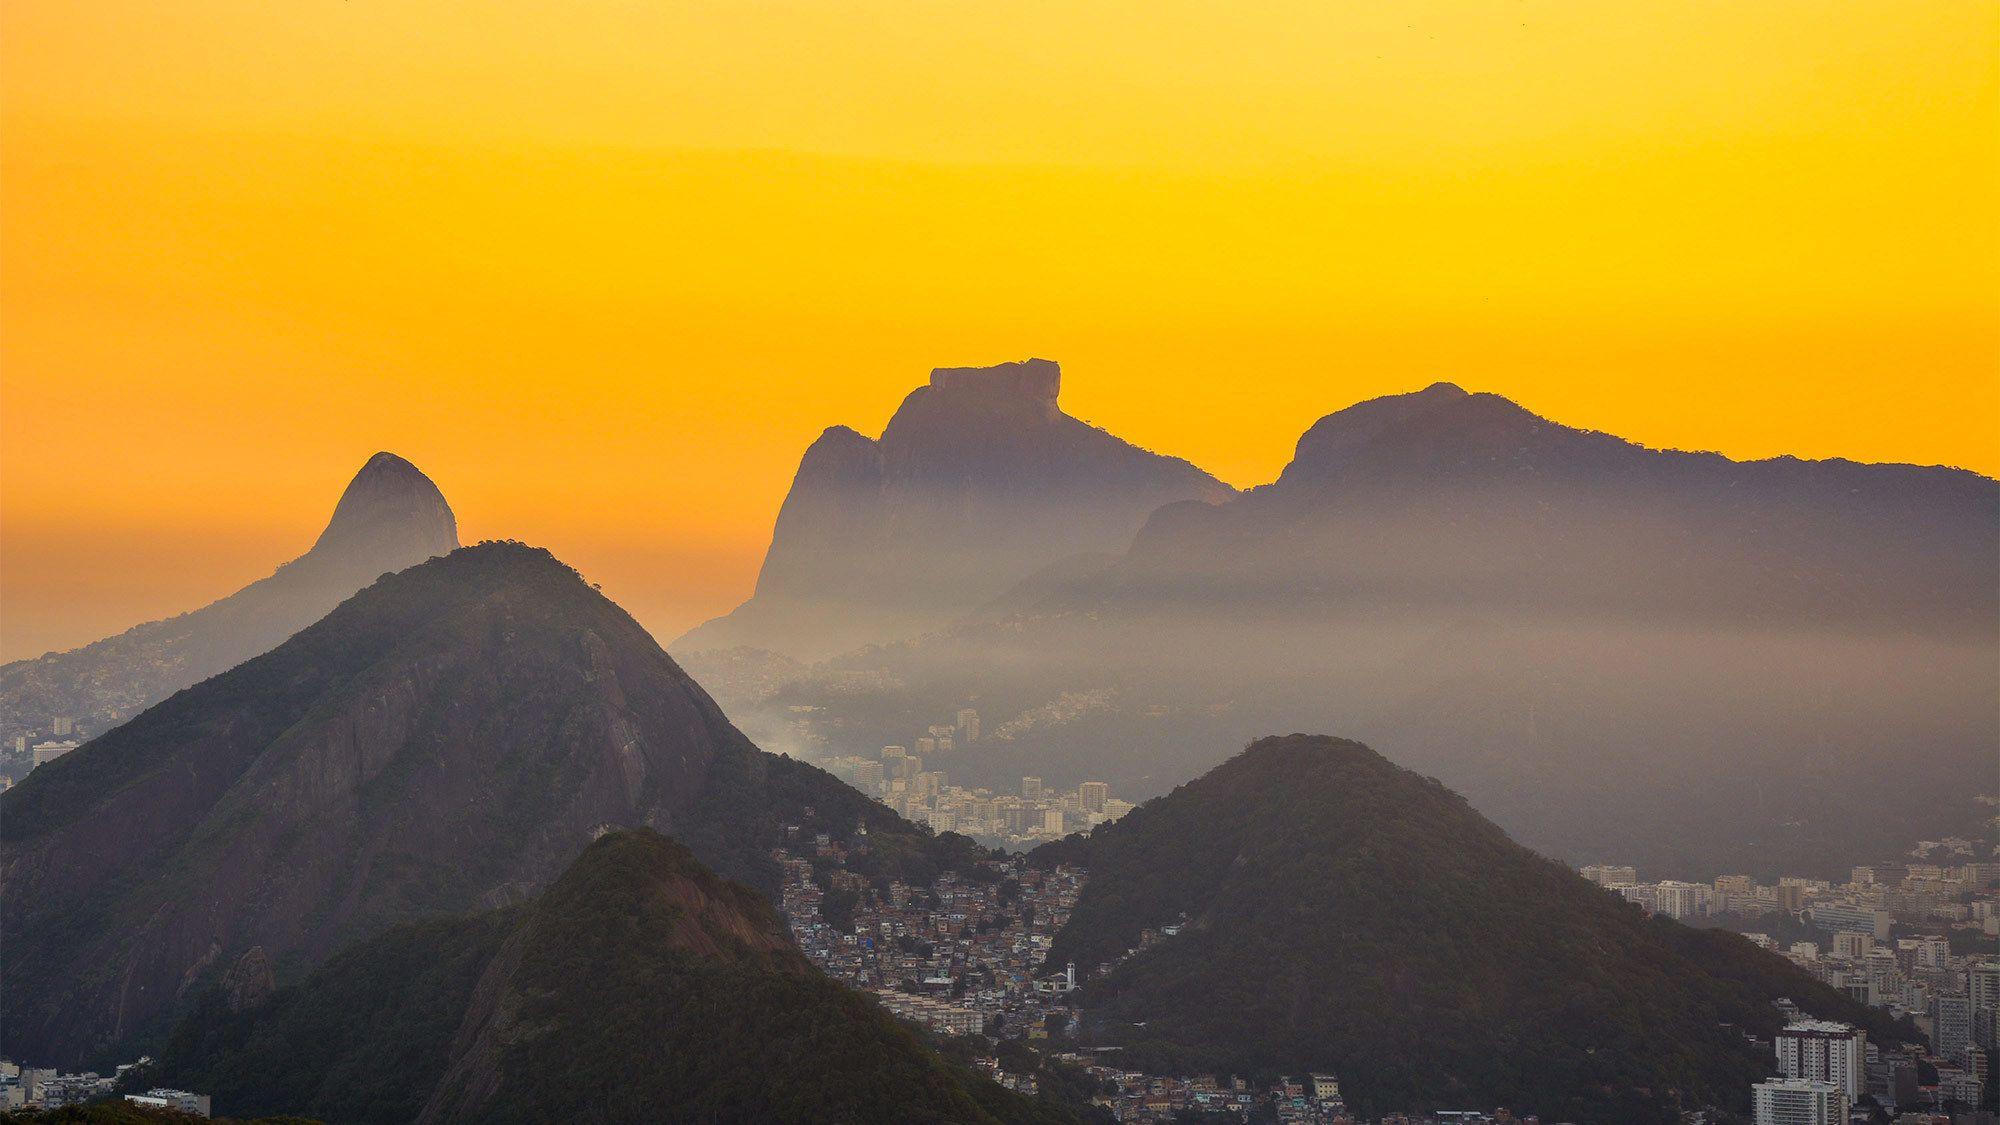 Sunset view of Rio de Janeiro